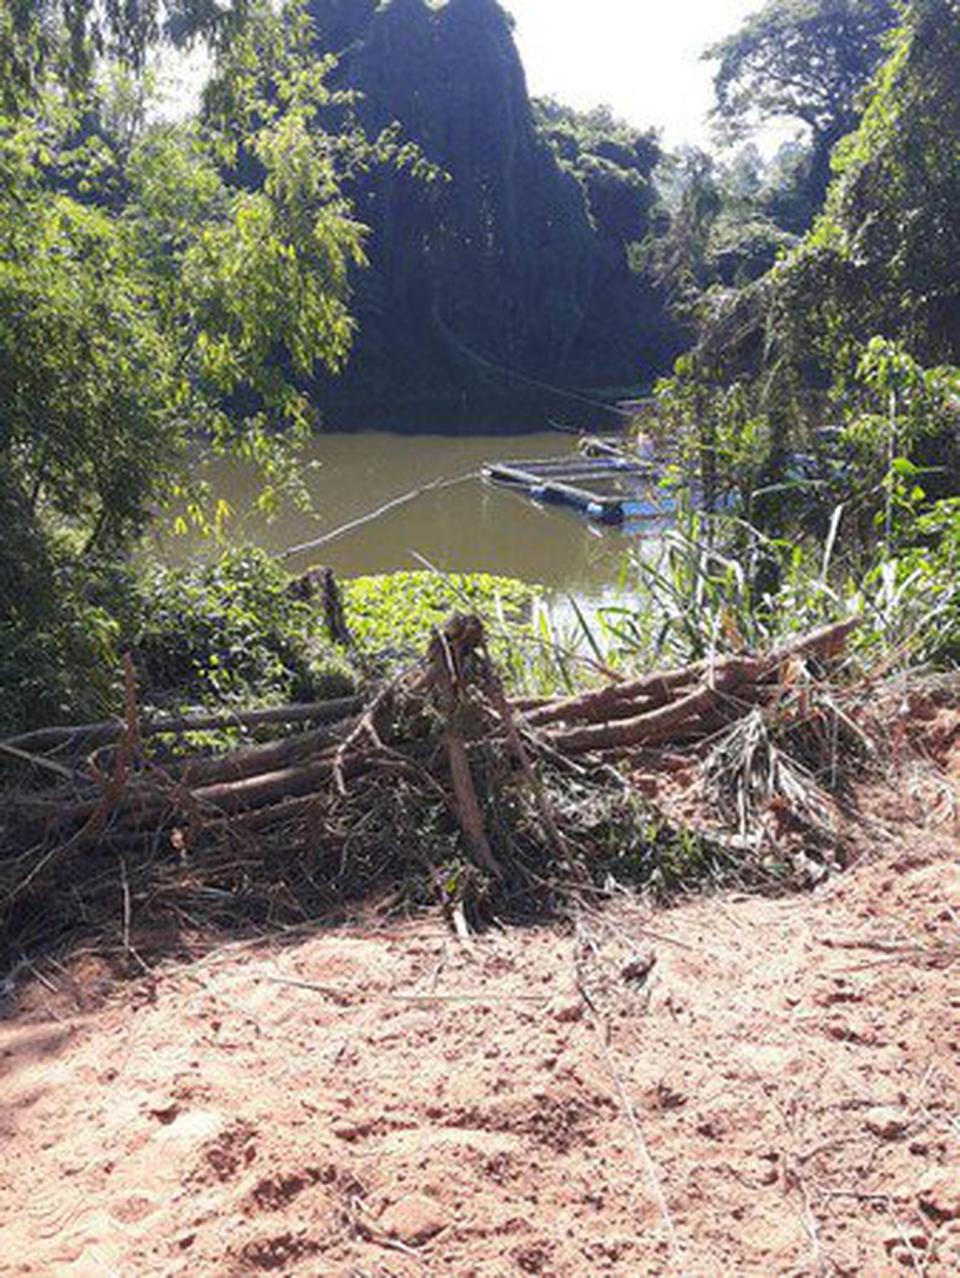 ขายที่ดินเปล่า ติดลำน้ำพอง บ้านบึงท่าแก อำเภอเมือง จังหวัดขอนแก่น รูปที่ 3